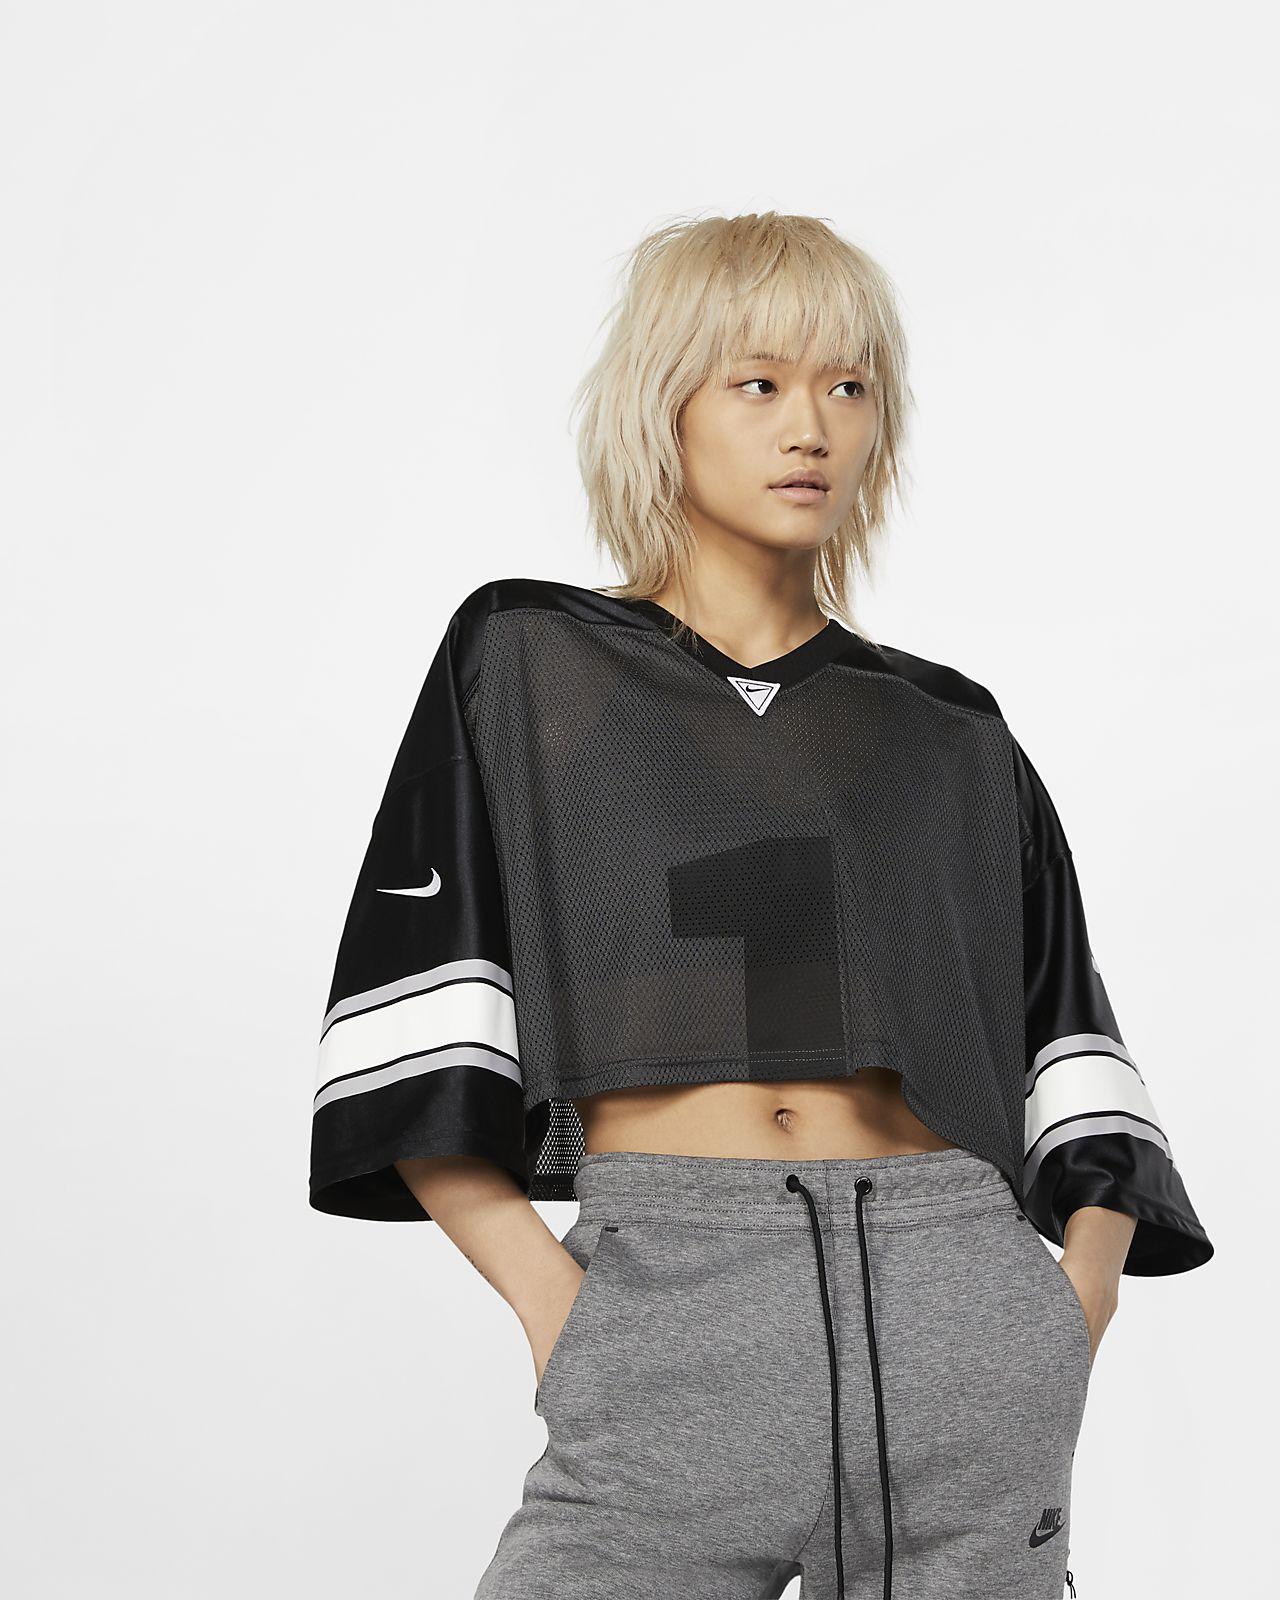 Damska koszulka piłkarska bez rękawów NikeLab Collection